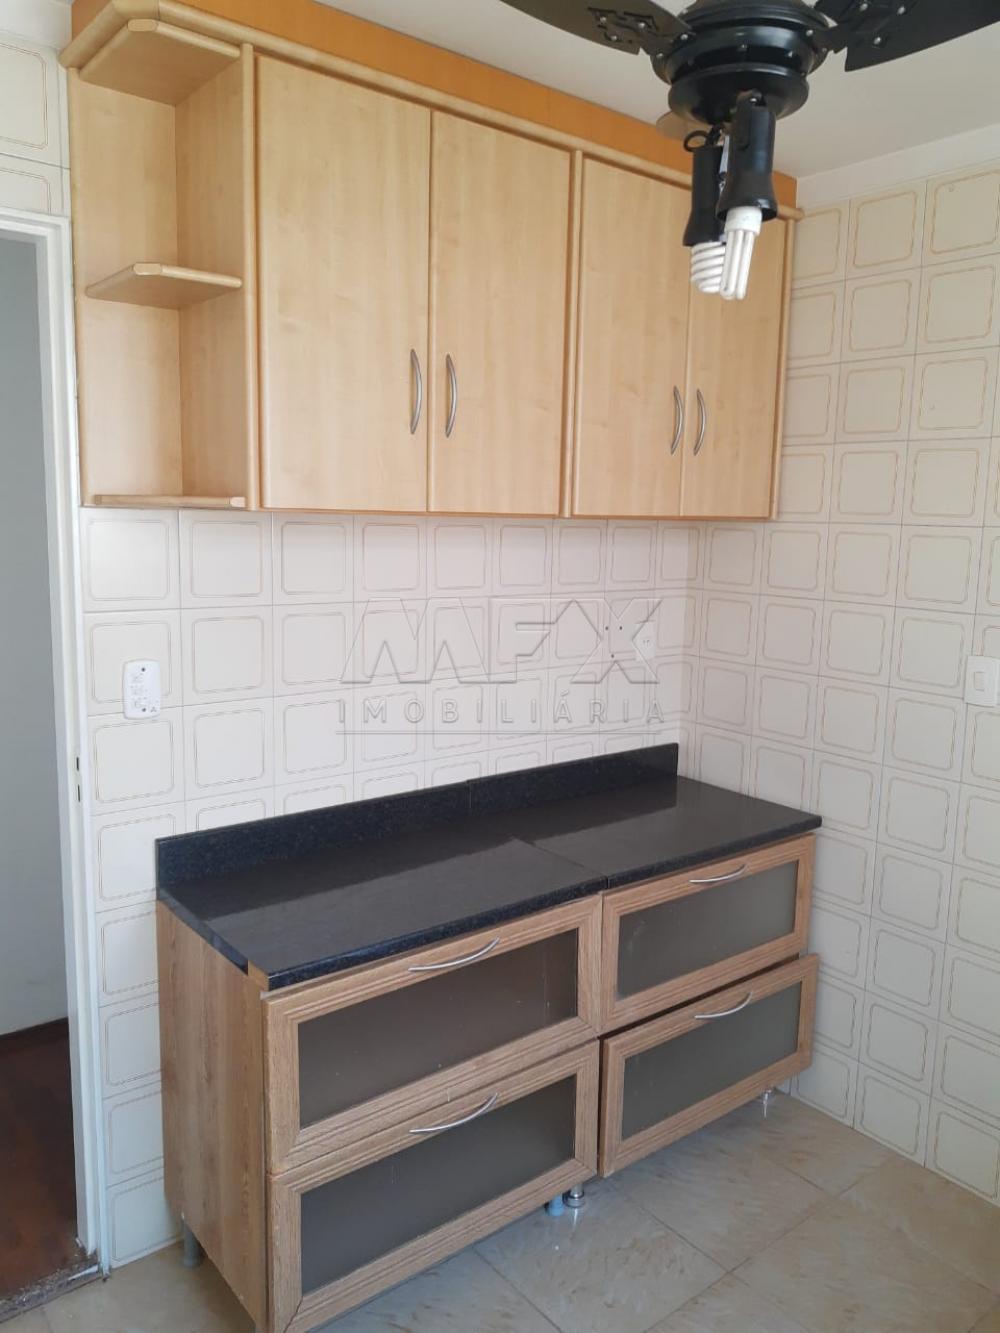 Comprar Apartamento / Padrão em Bauru R$ 154.000,00 - Foto 10